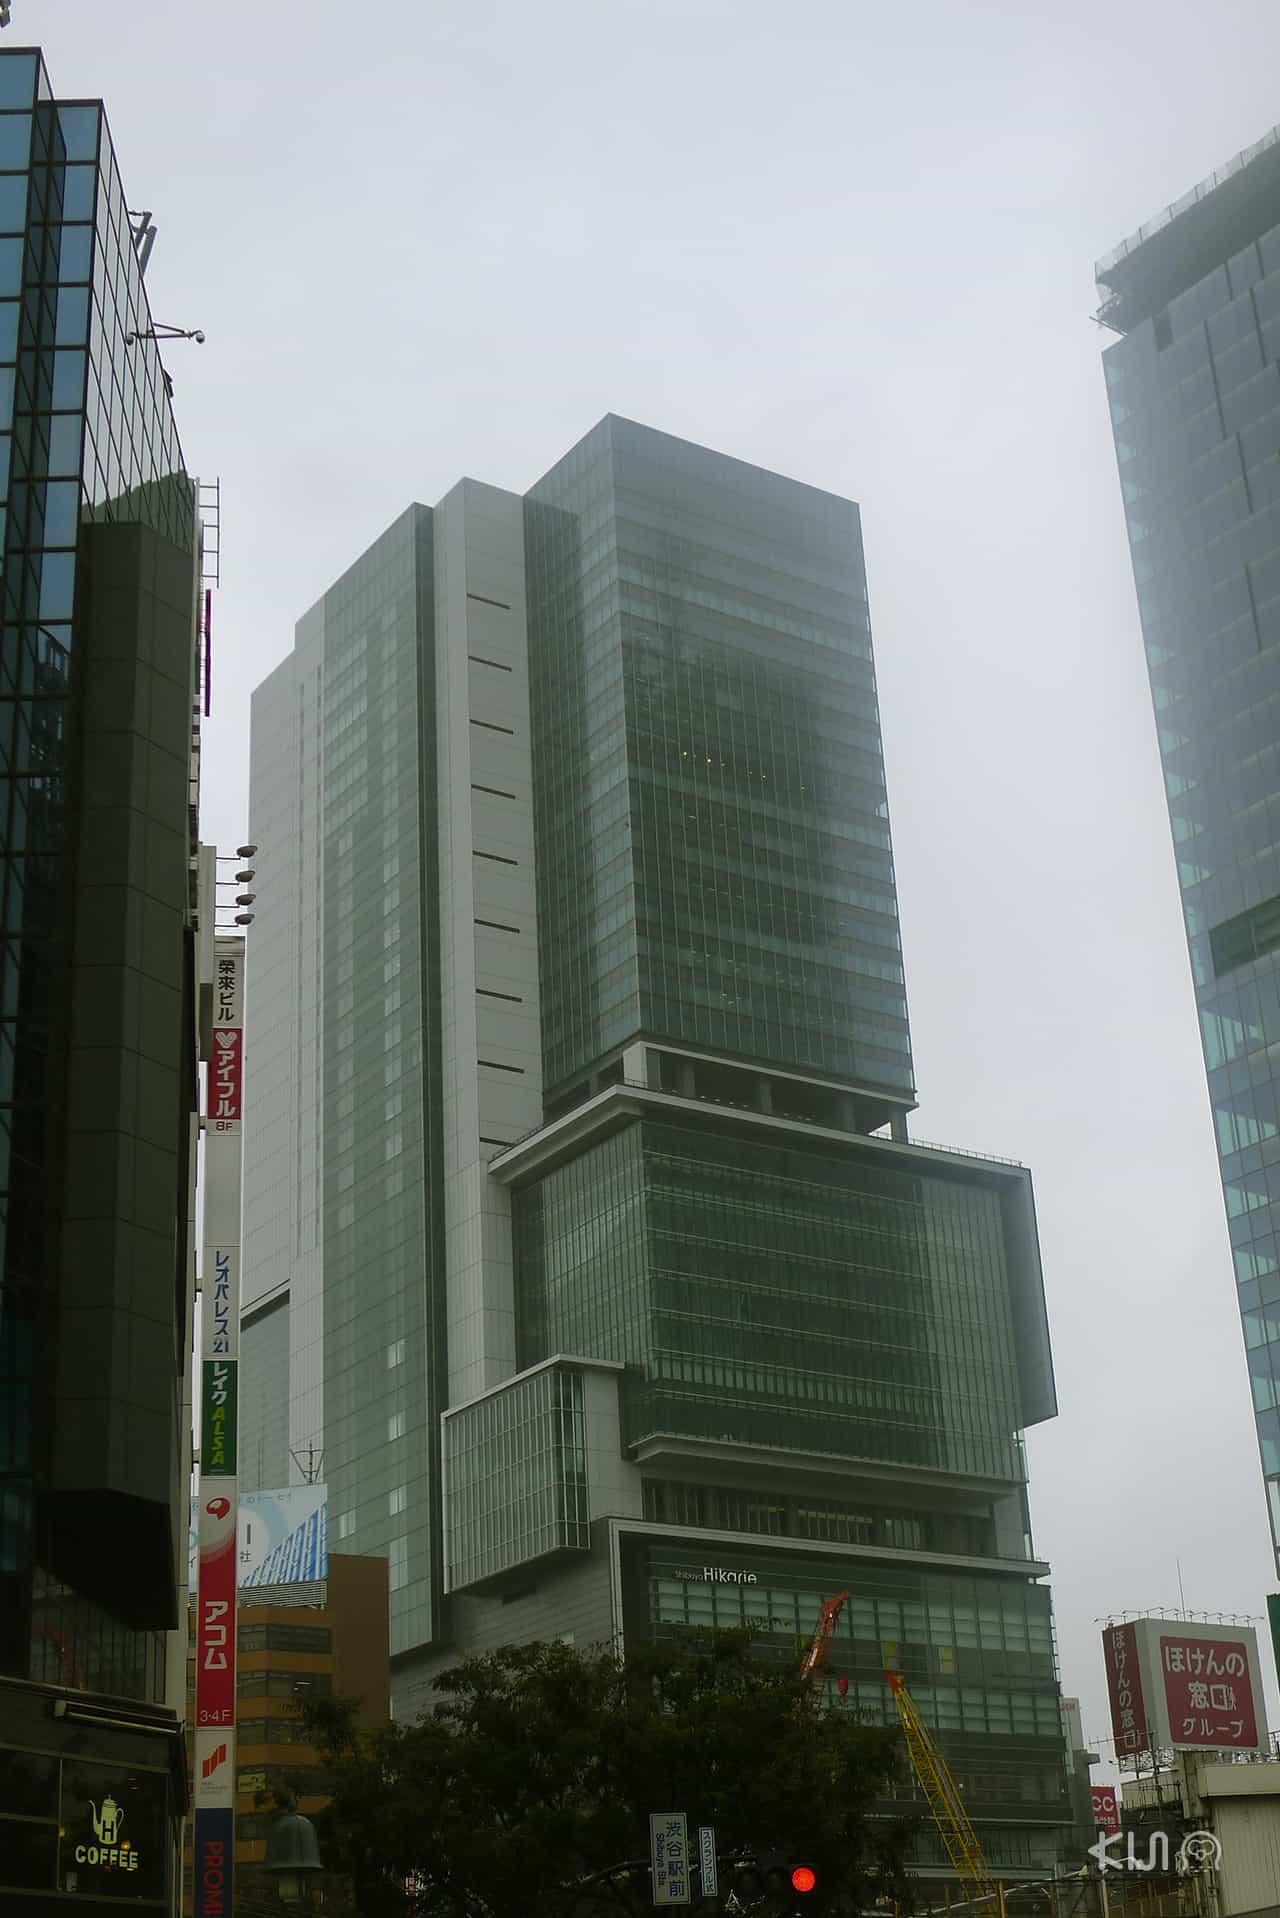 Shibuya Hikarie